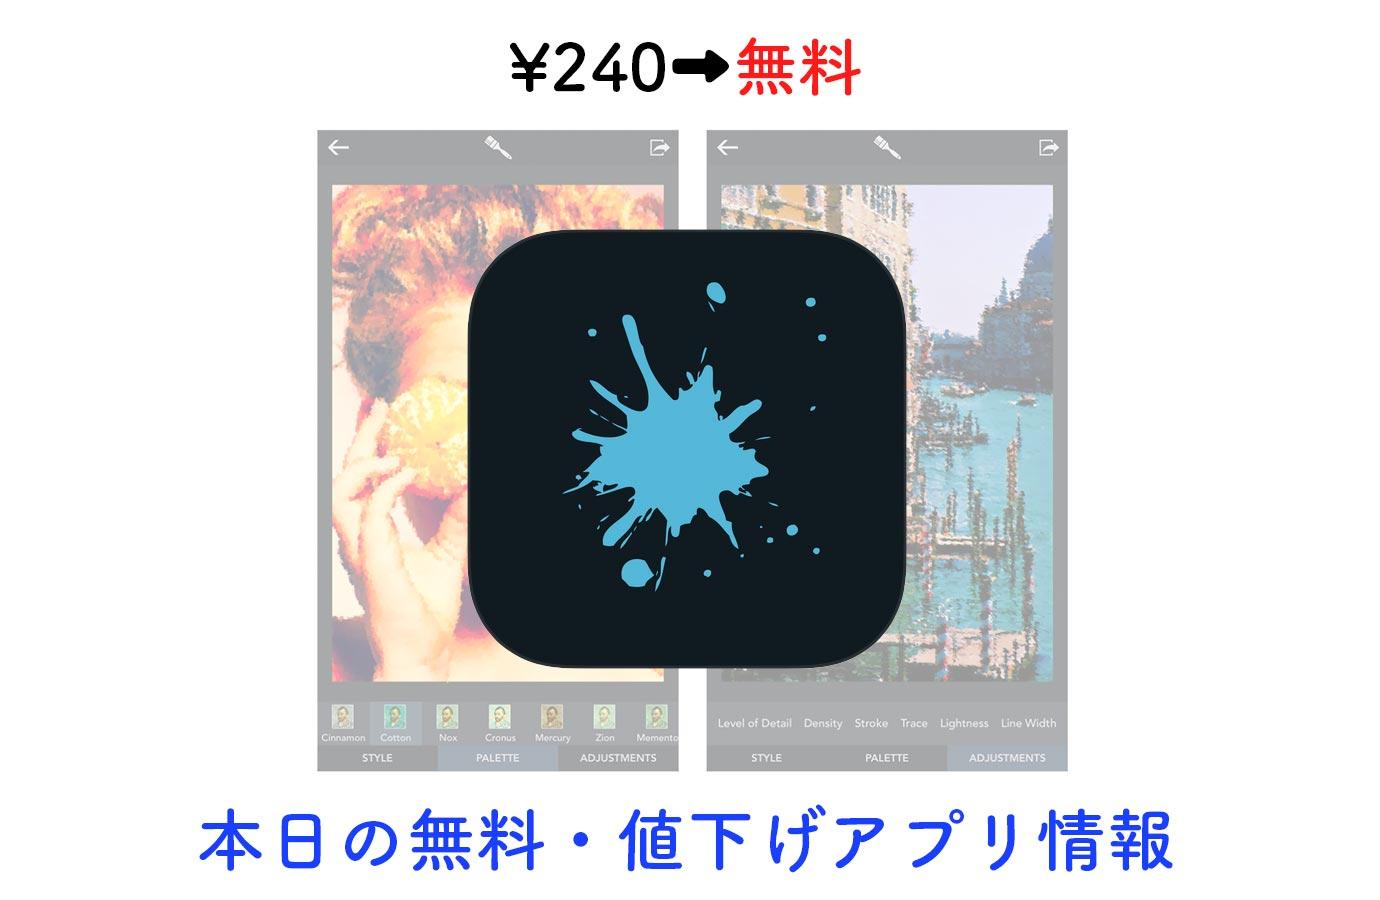 ¥240→無料、写真を絵画風に加工できる「Art Genius」など【10/13】本日の無料・値下げアプリ情報